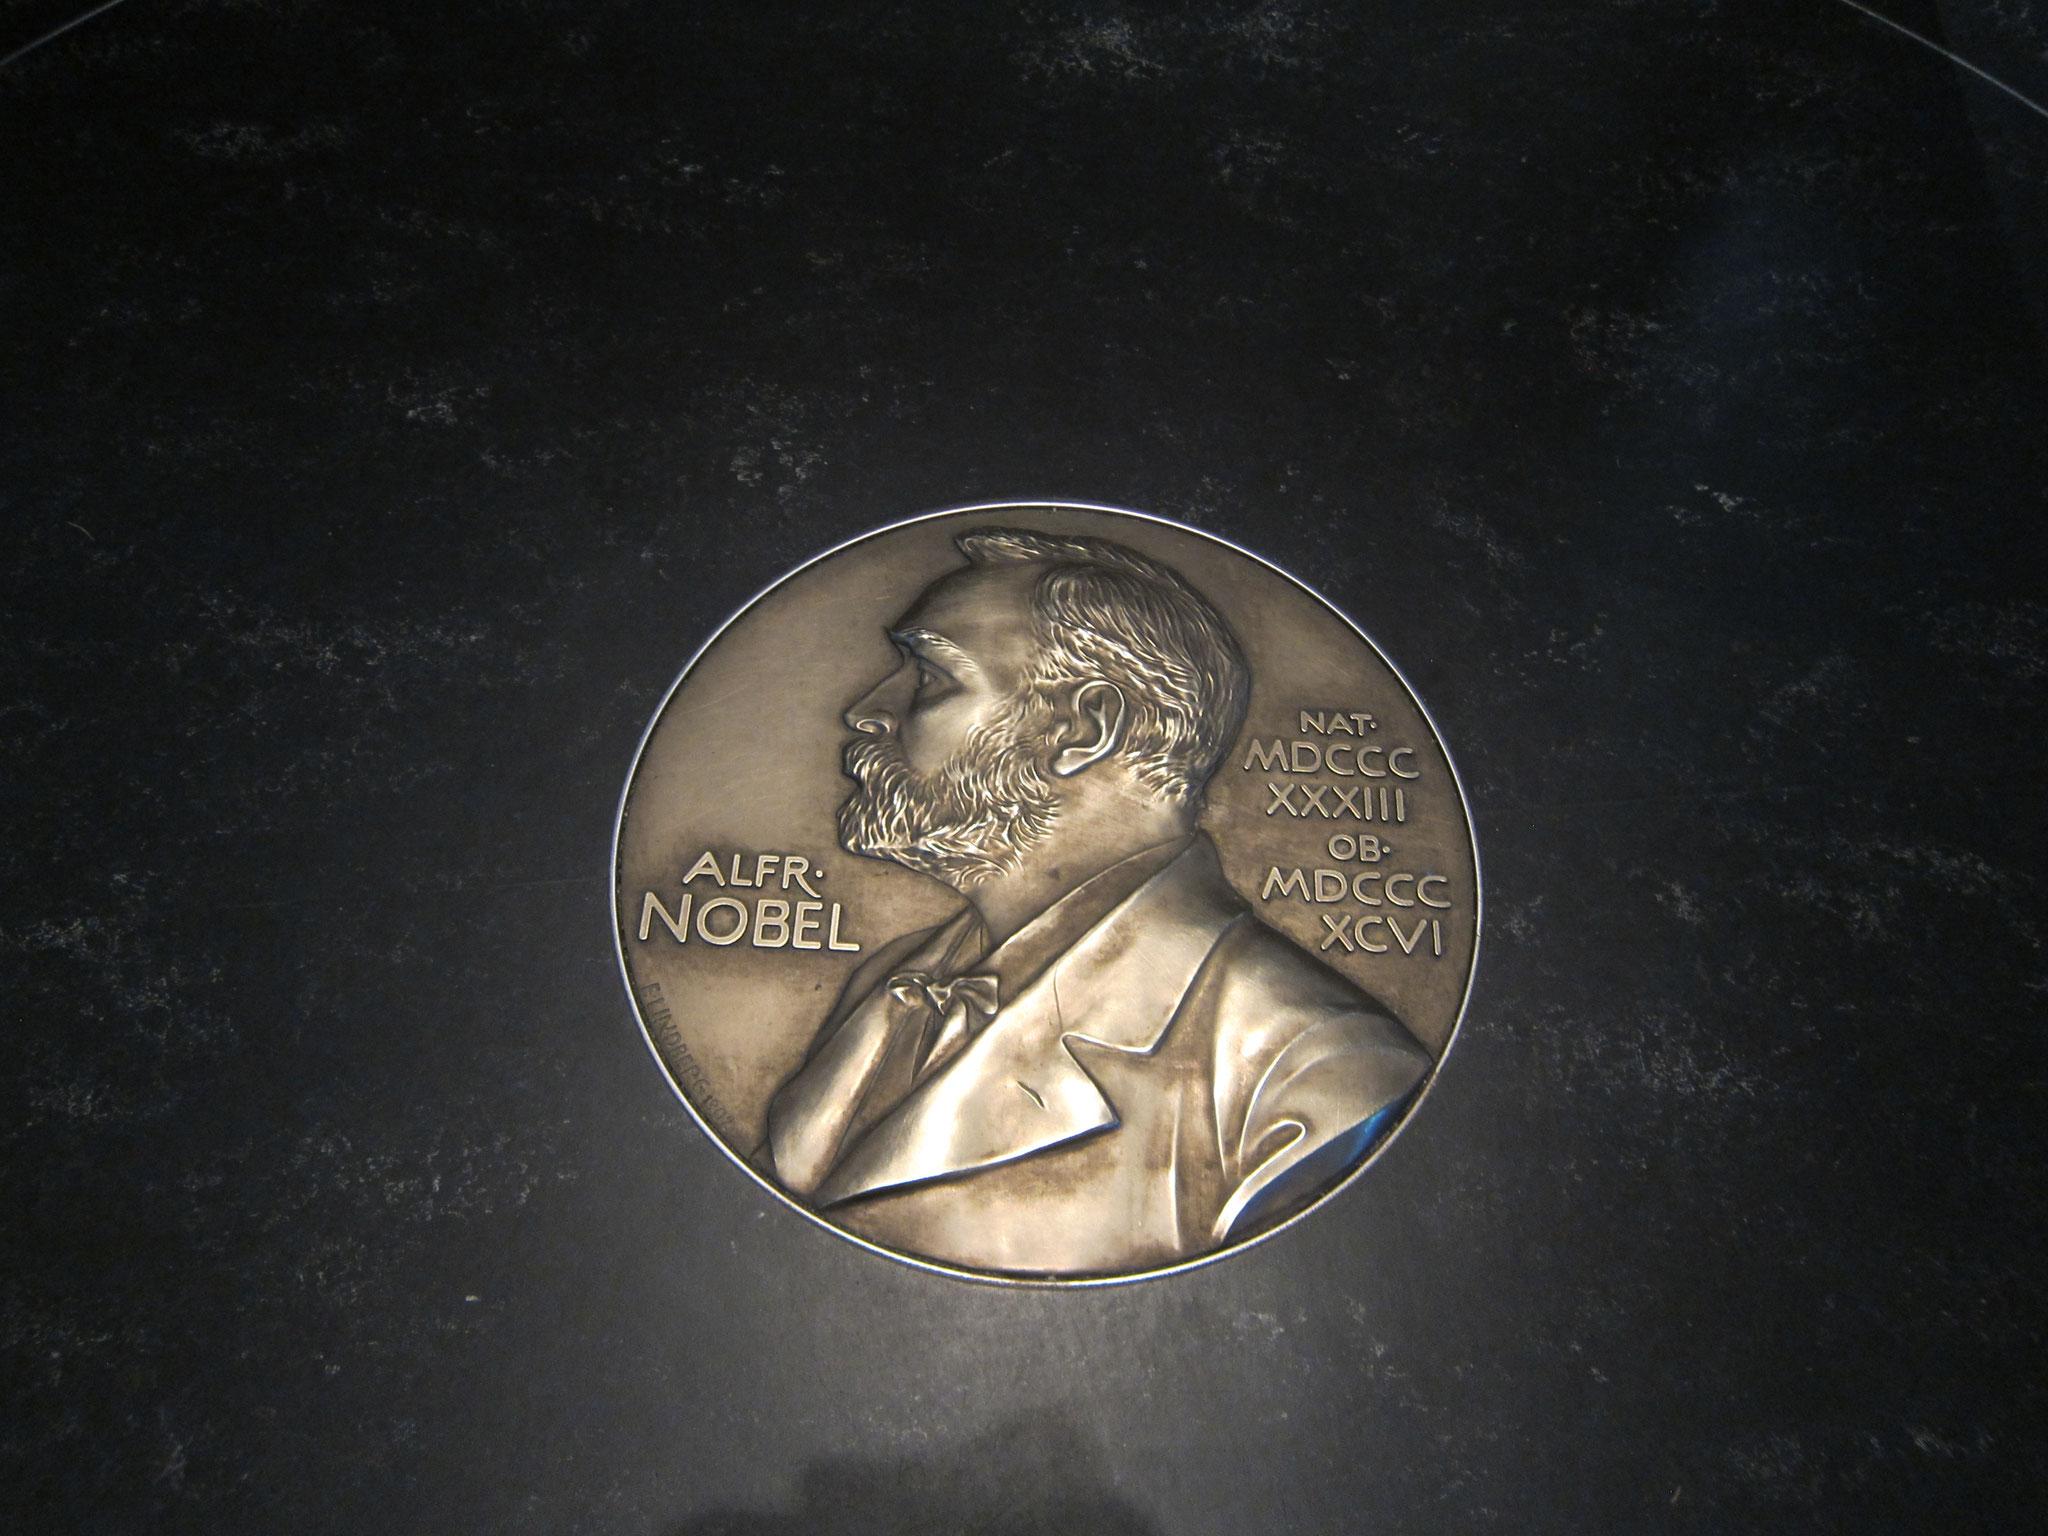 ノーベル賞のメダルですね